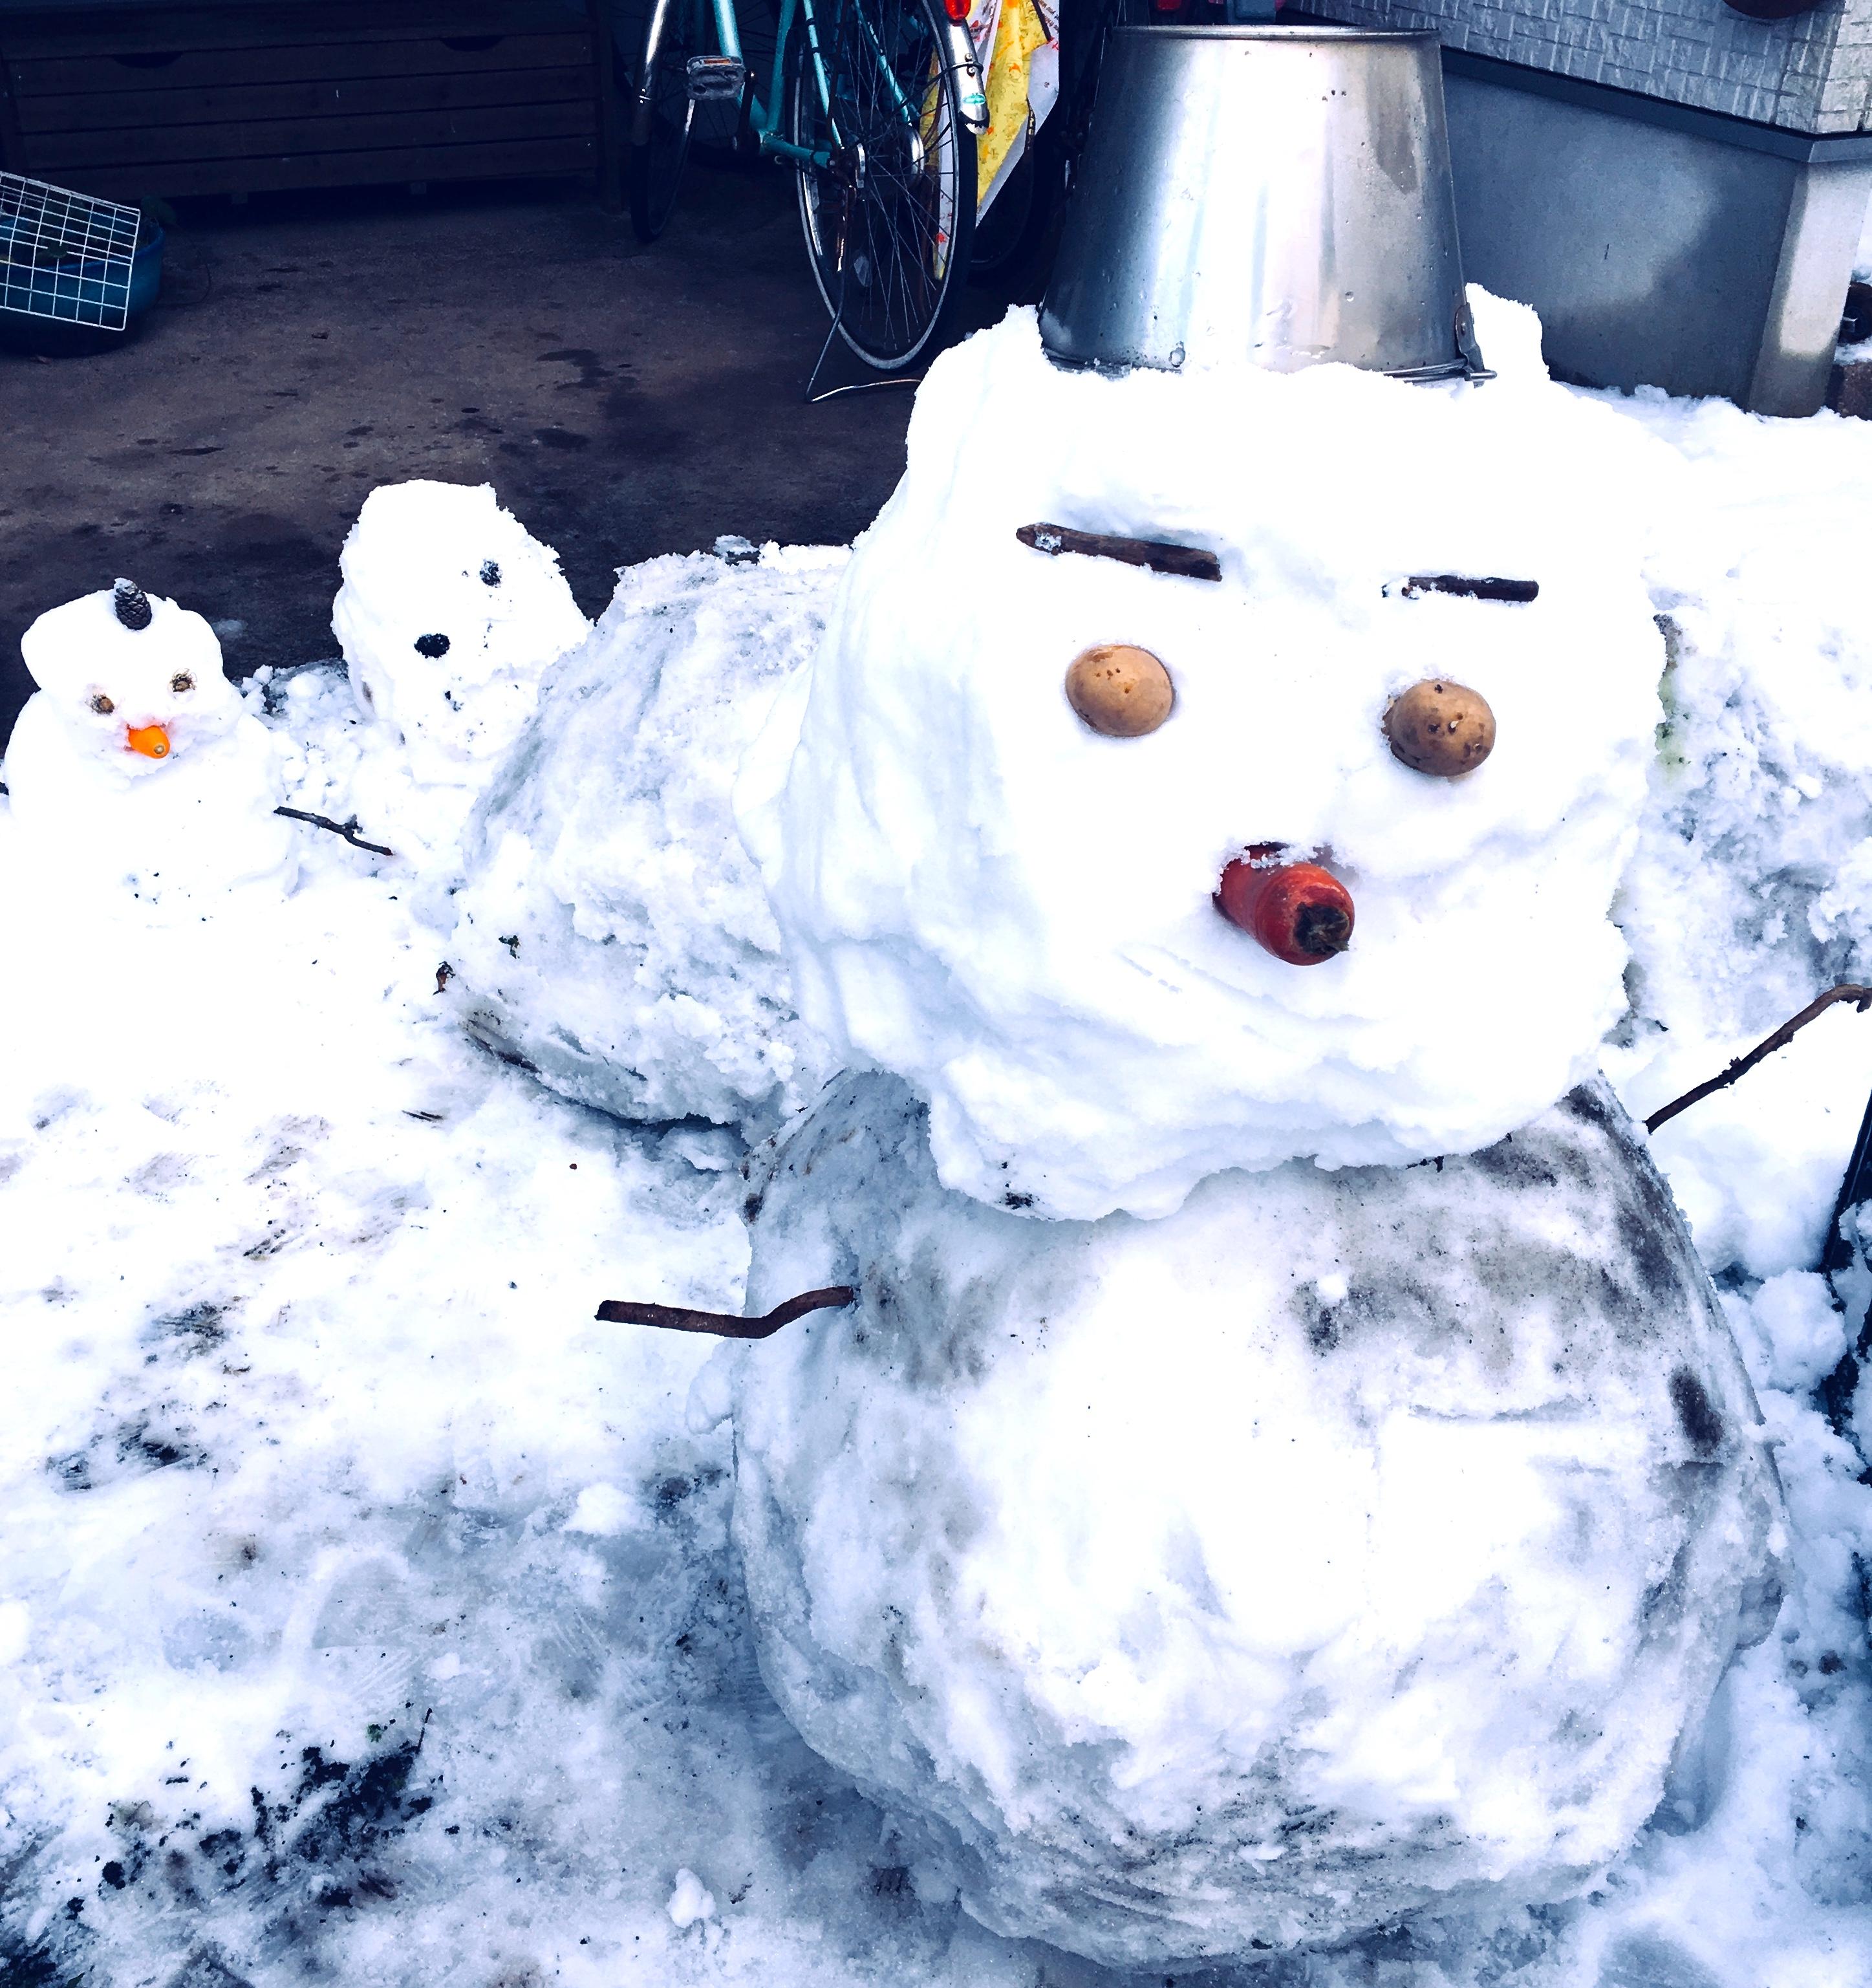 逗子でも久しぶりの積雪に。雪かきは腰痛にようつぅい!